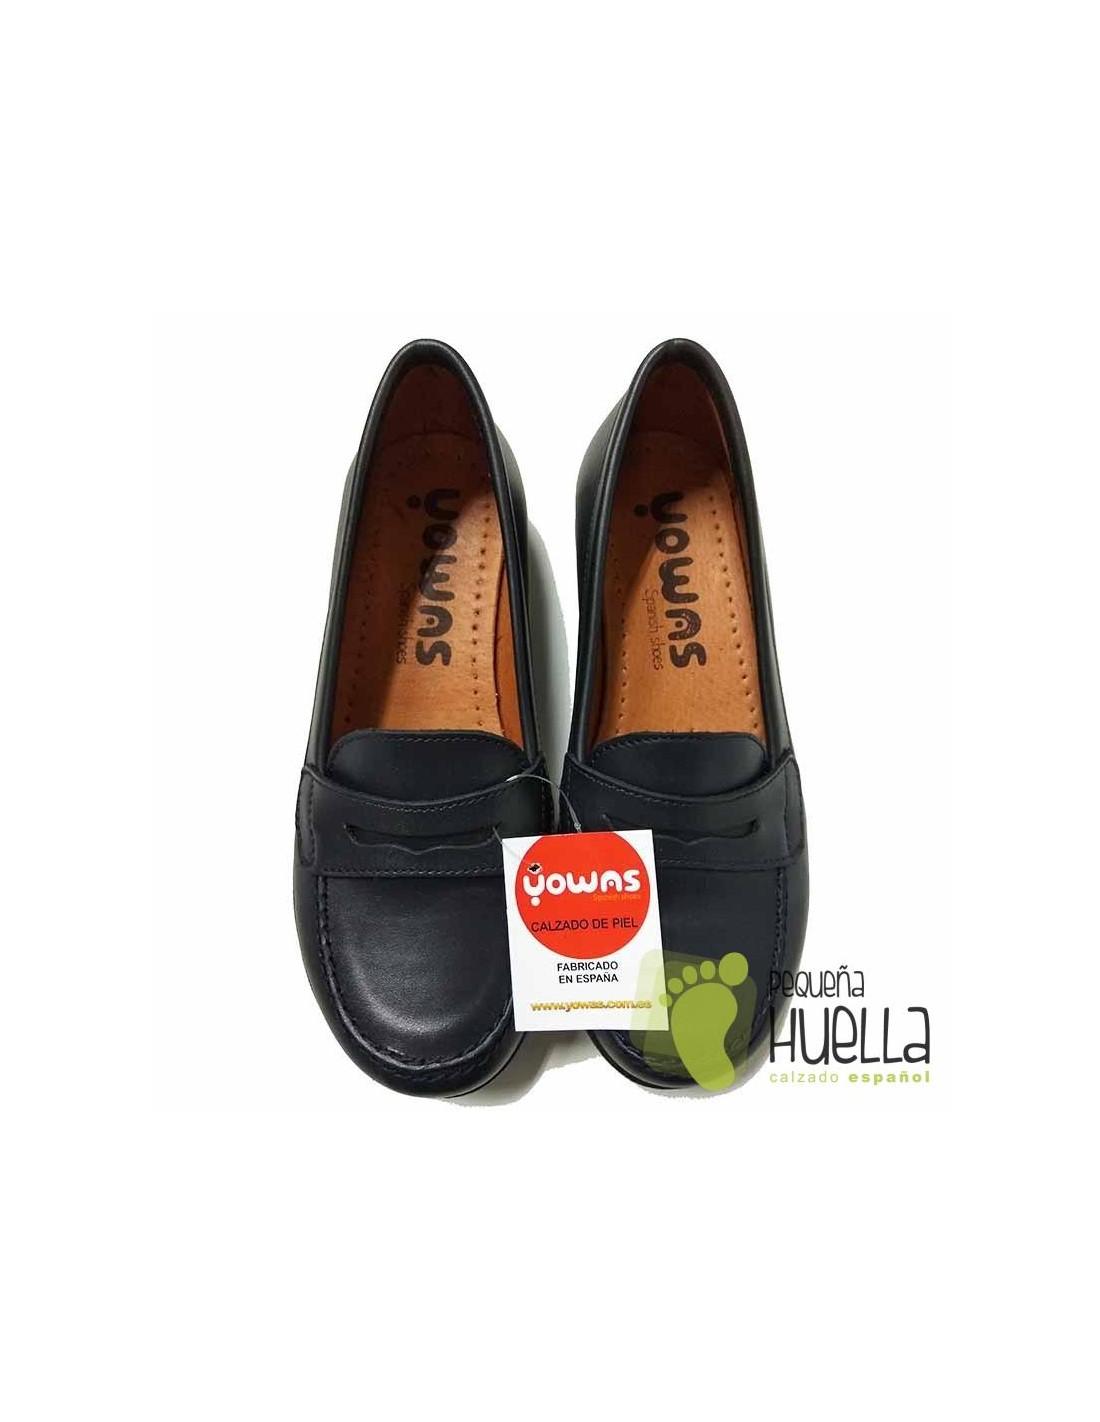 En Aatrfq Colegiales Madrid Mocasín Niñas Zapatos Yowas Para cF15TJu3lK